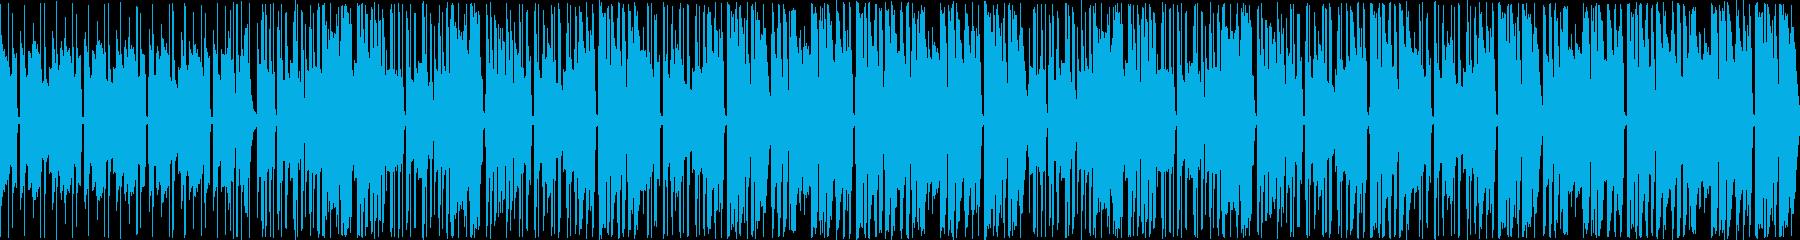 【楽しいワクワクなスカ/JAZZ】の再生済みの波形